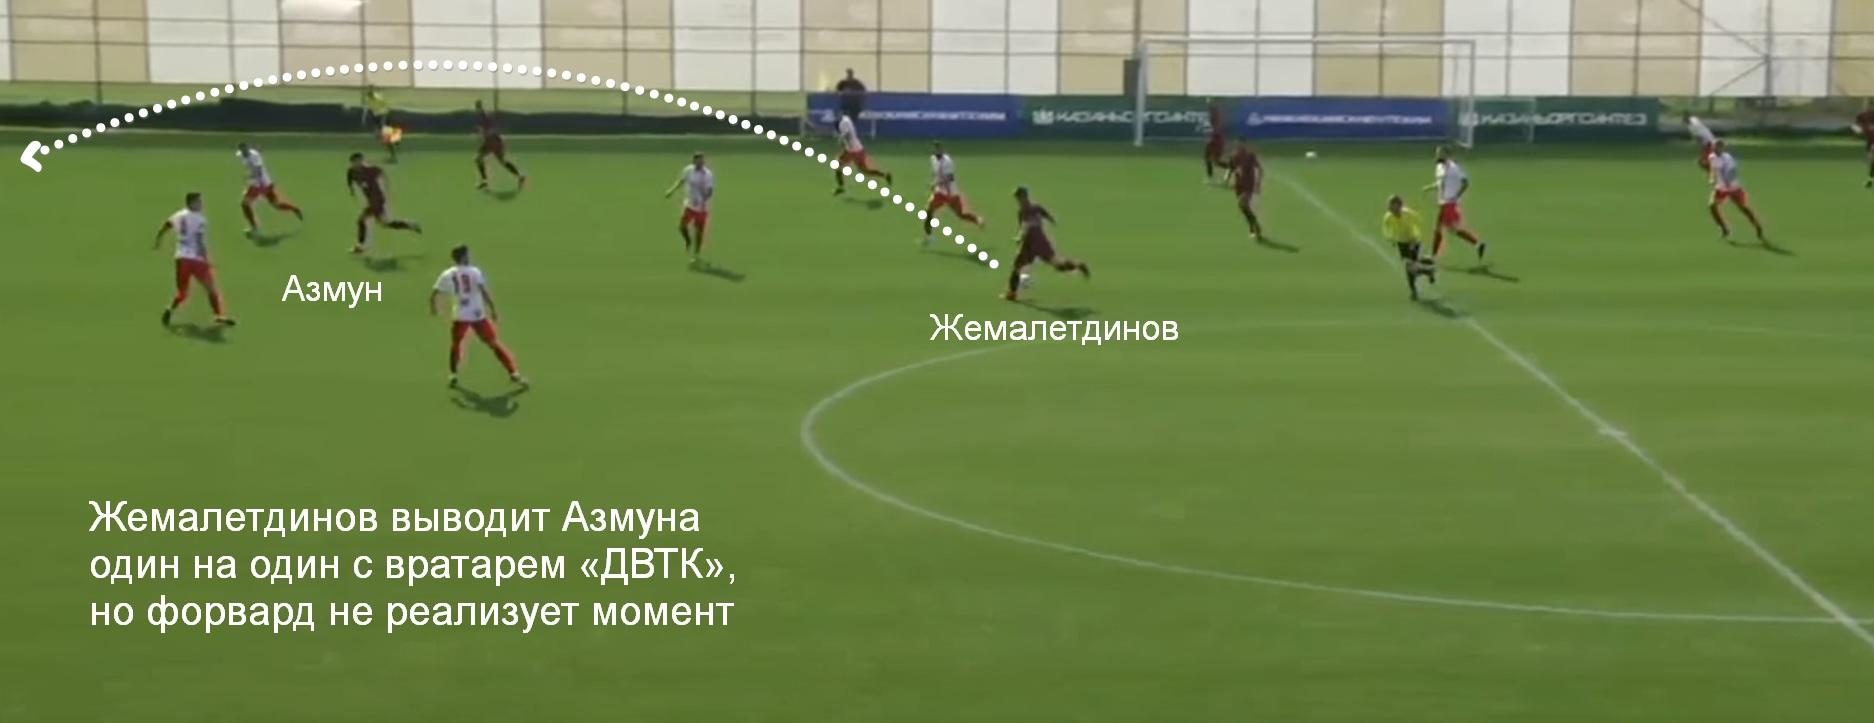 Игру Нафтовик — Динамо таки отменят из-за обледенения